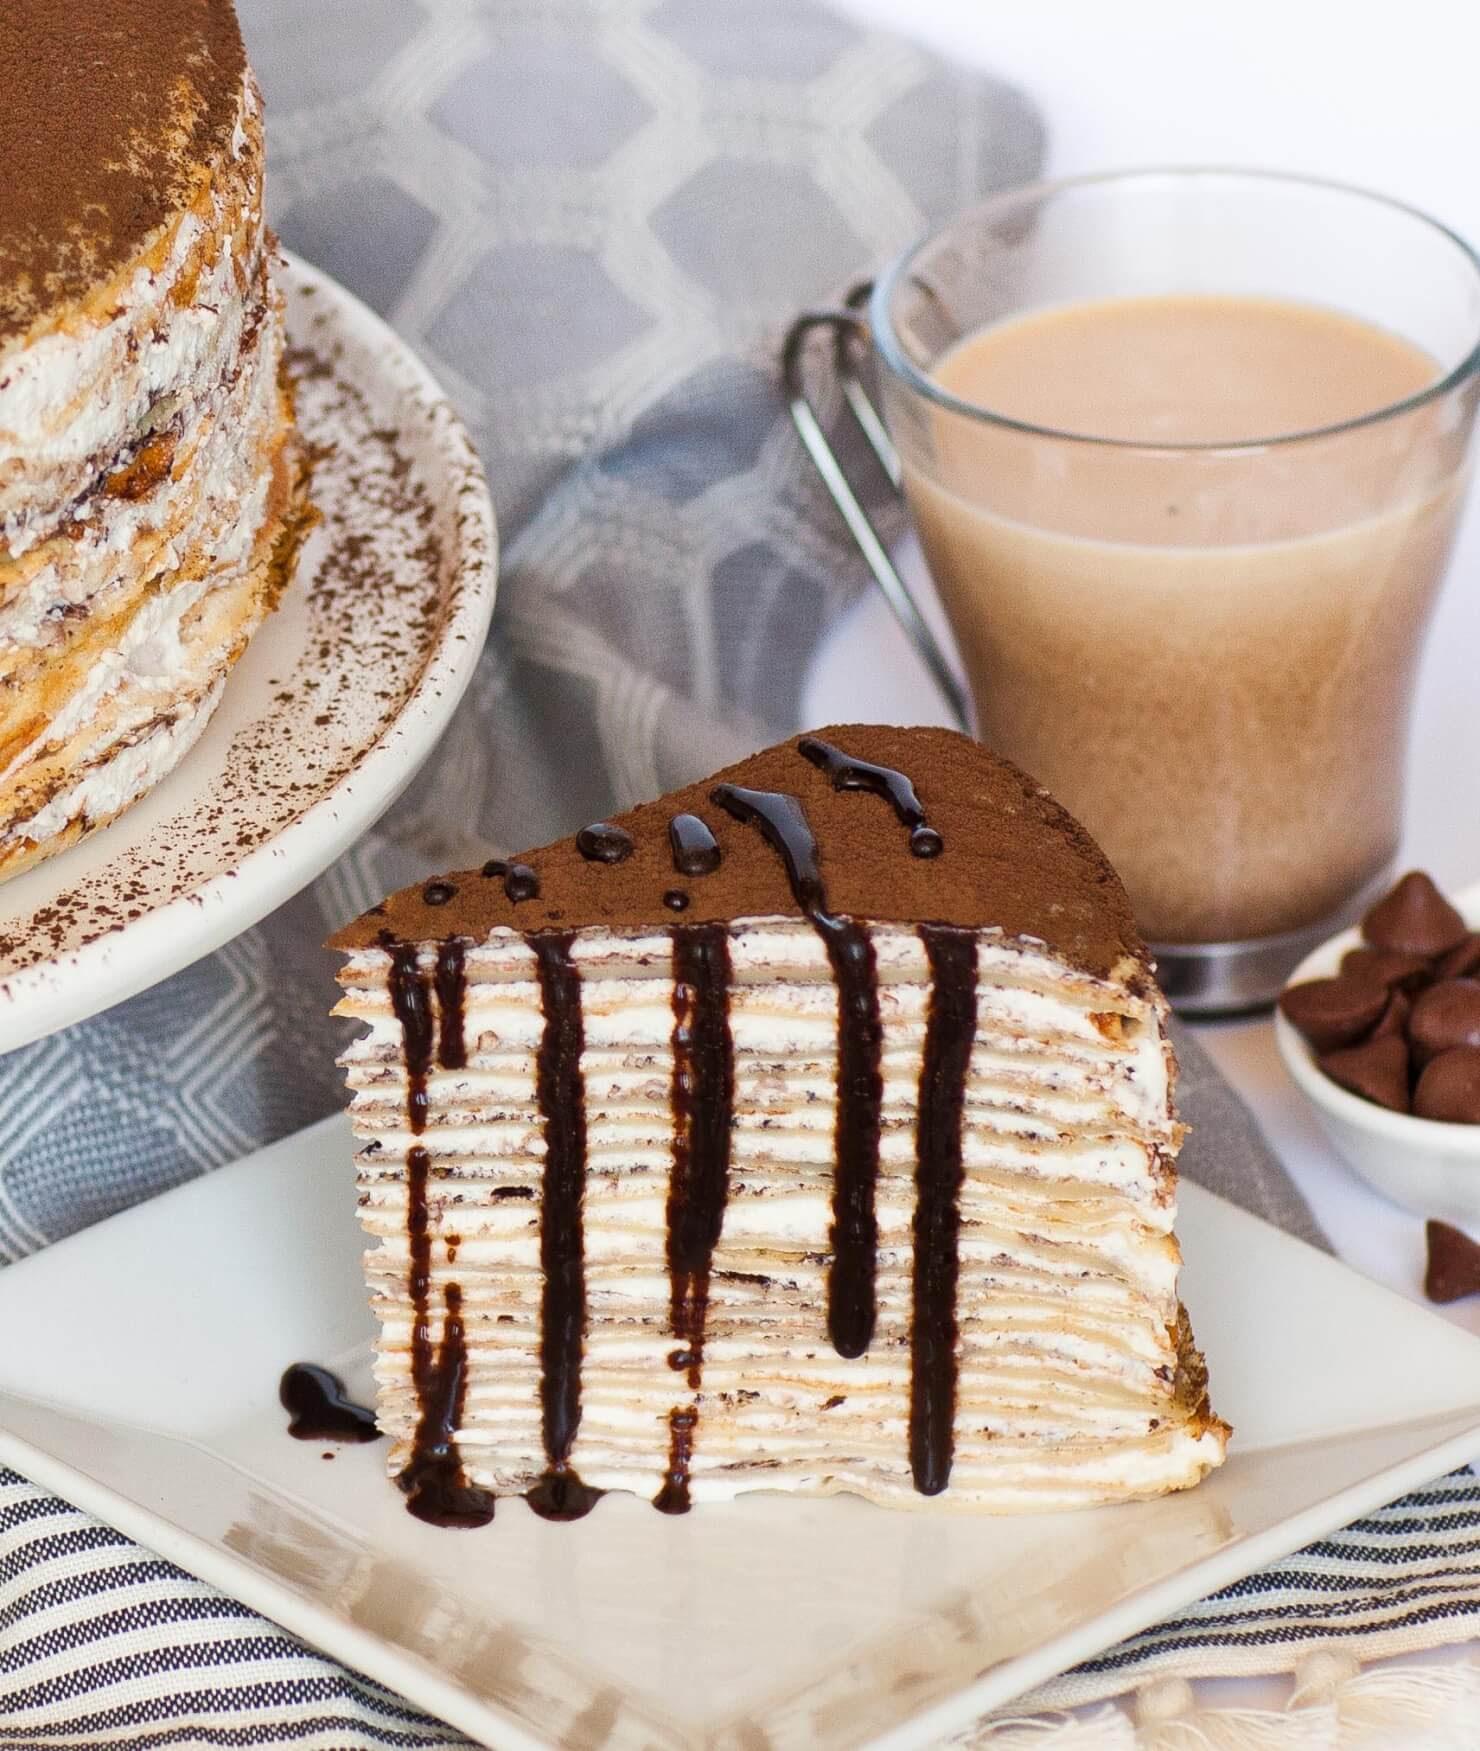 tranche de gâteau crêpe tiramisu au chocolat